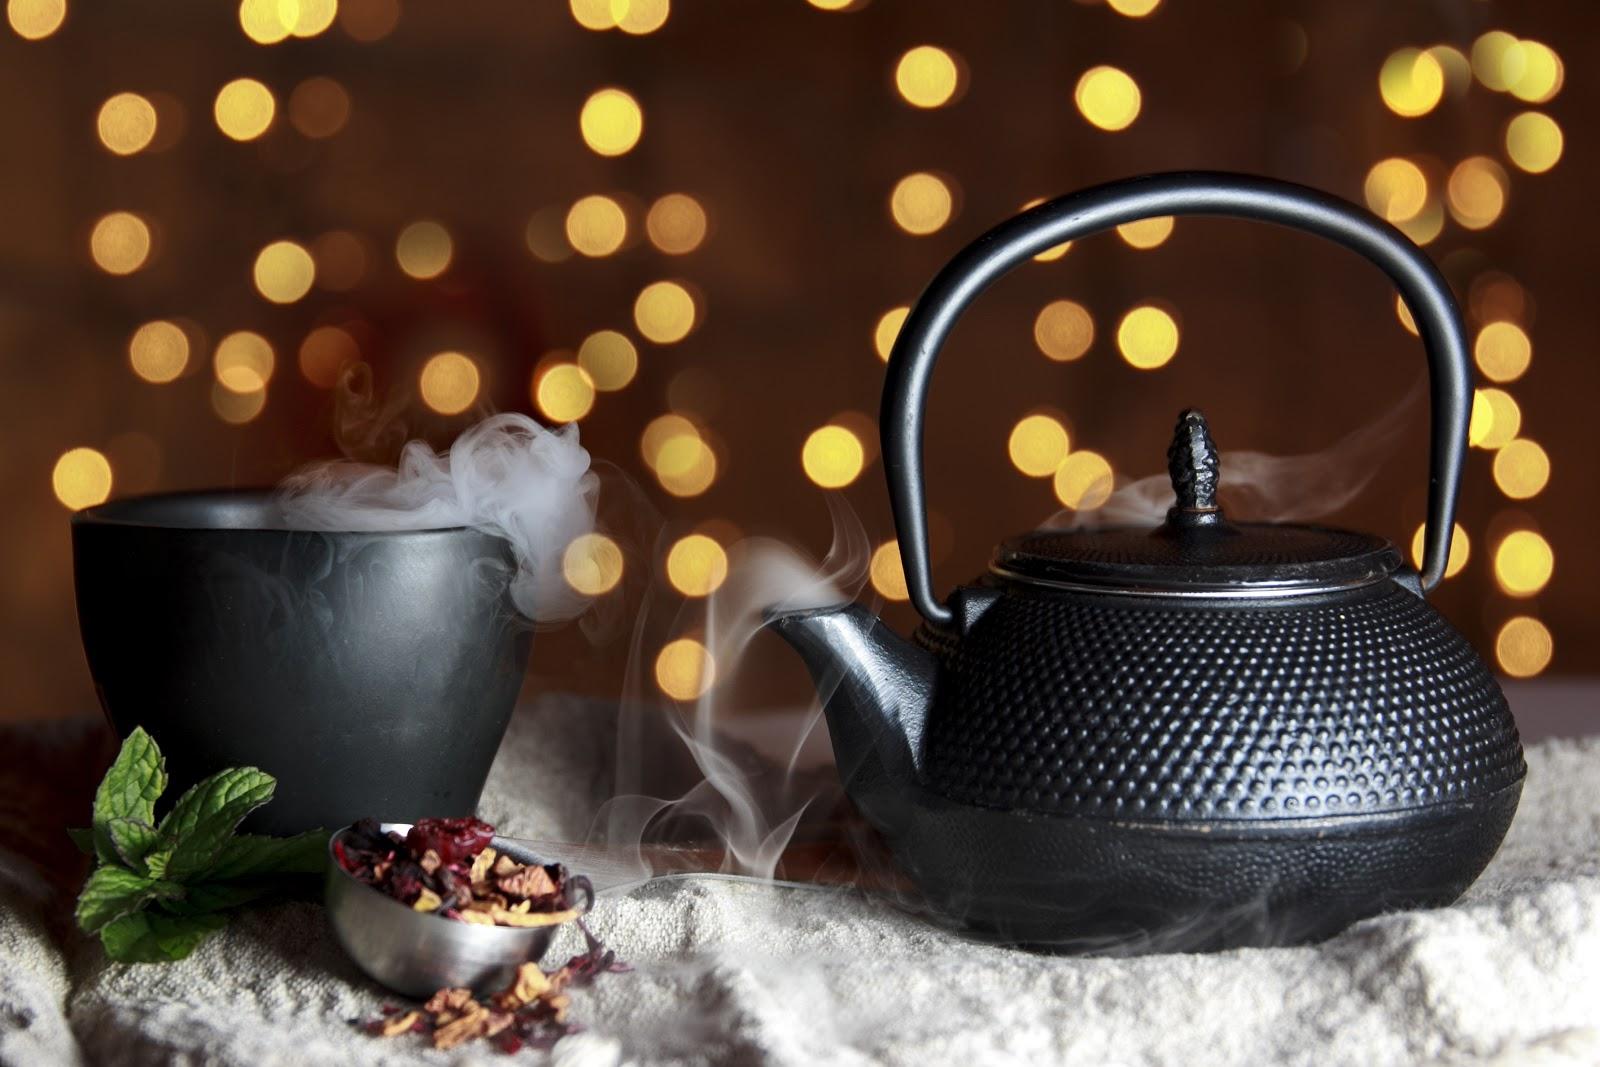 tea cup and kettle black steaming herbal tea